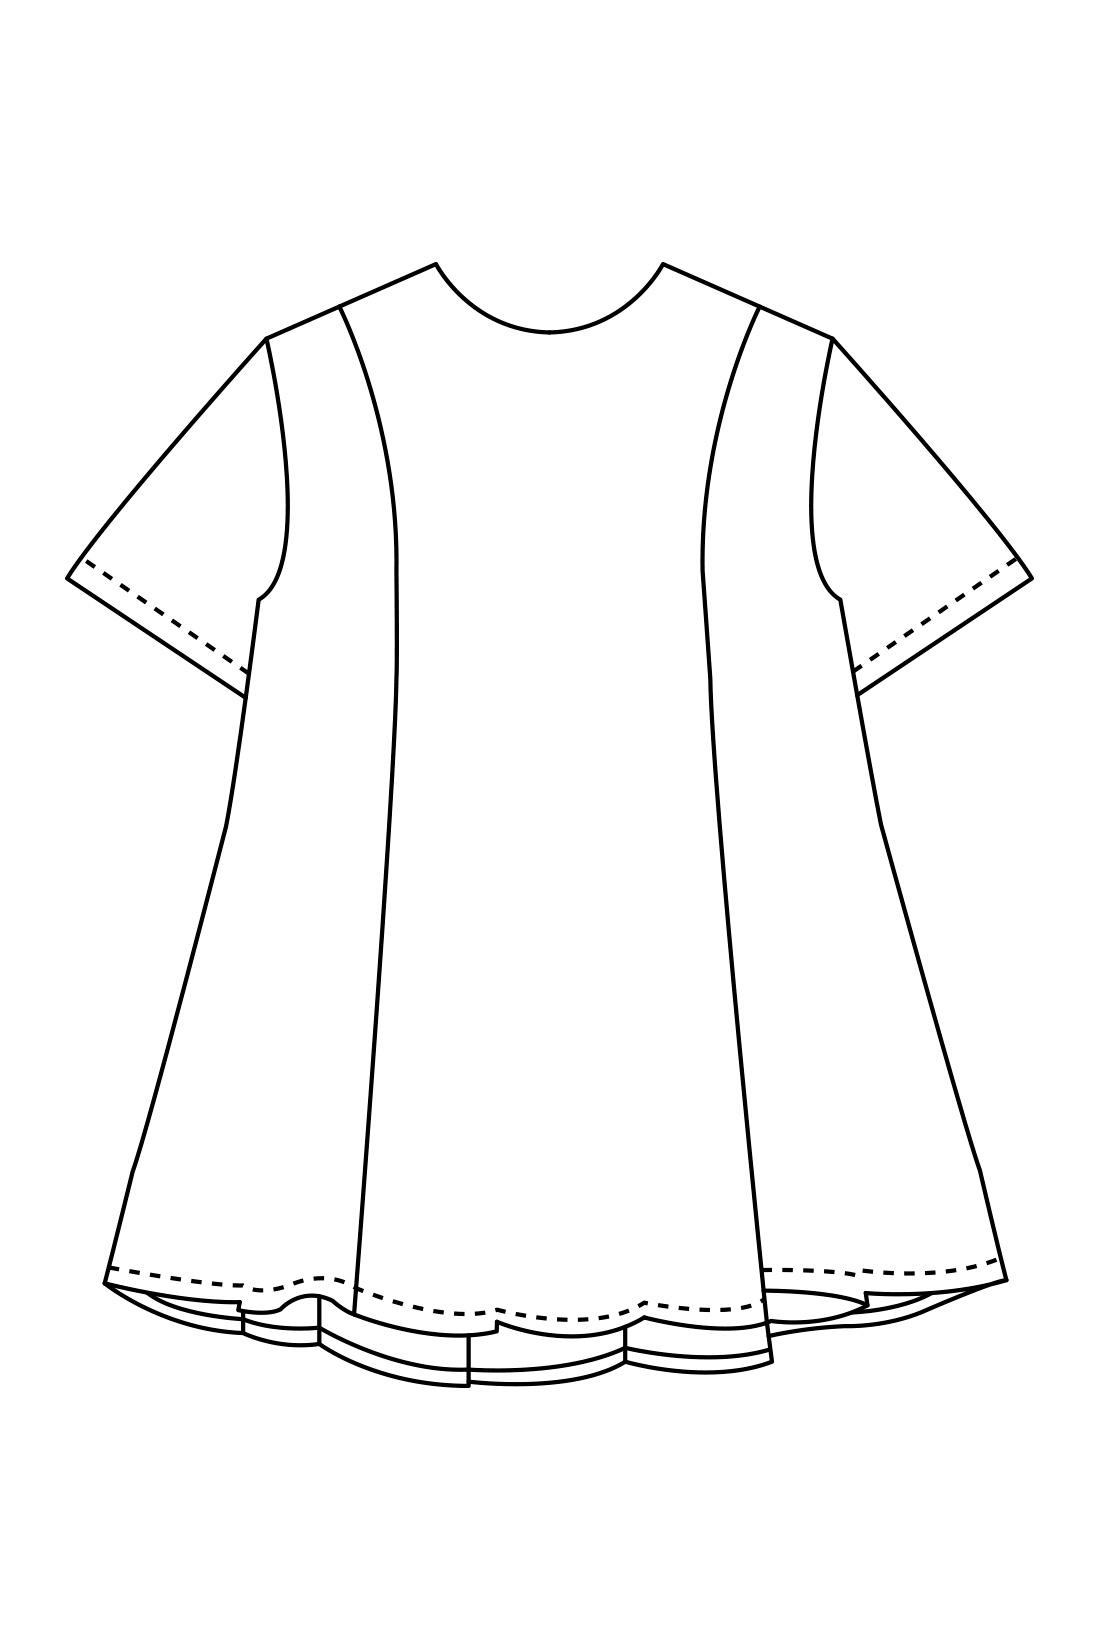 ウエストにふれないほどボリューミーなAライン。袖にも広がりを持たせて、立体感と涼しさをたっぷりと。